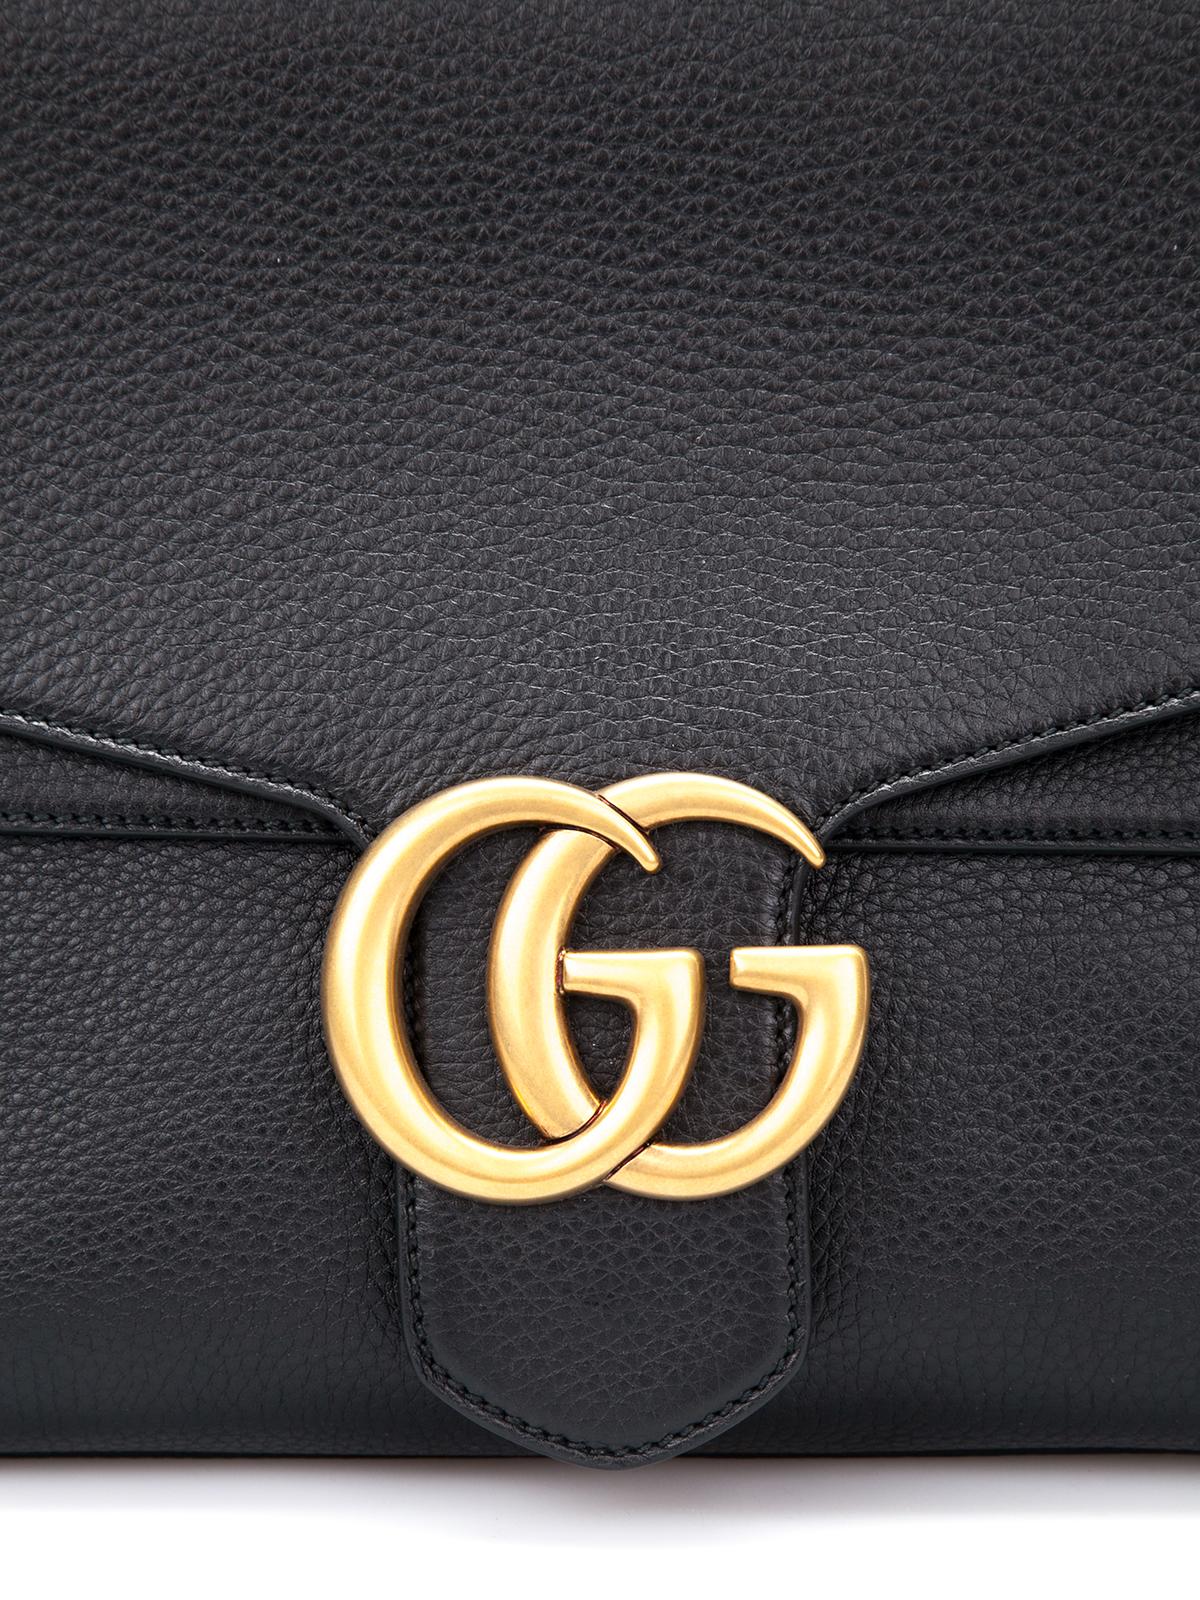 Gucci Gg Marmont Leather Shoulder Bag Shoulder Bags